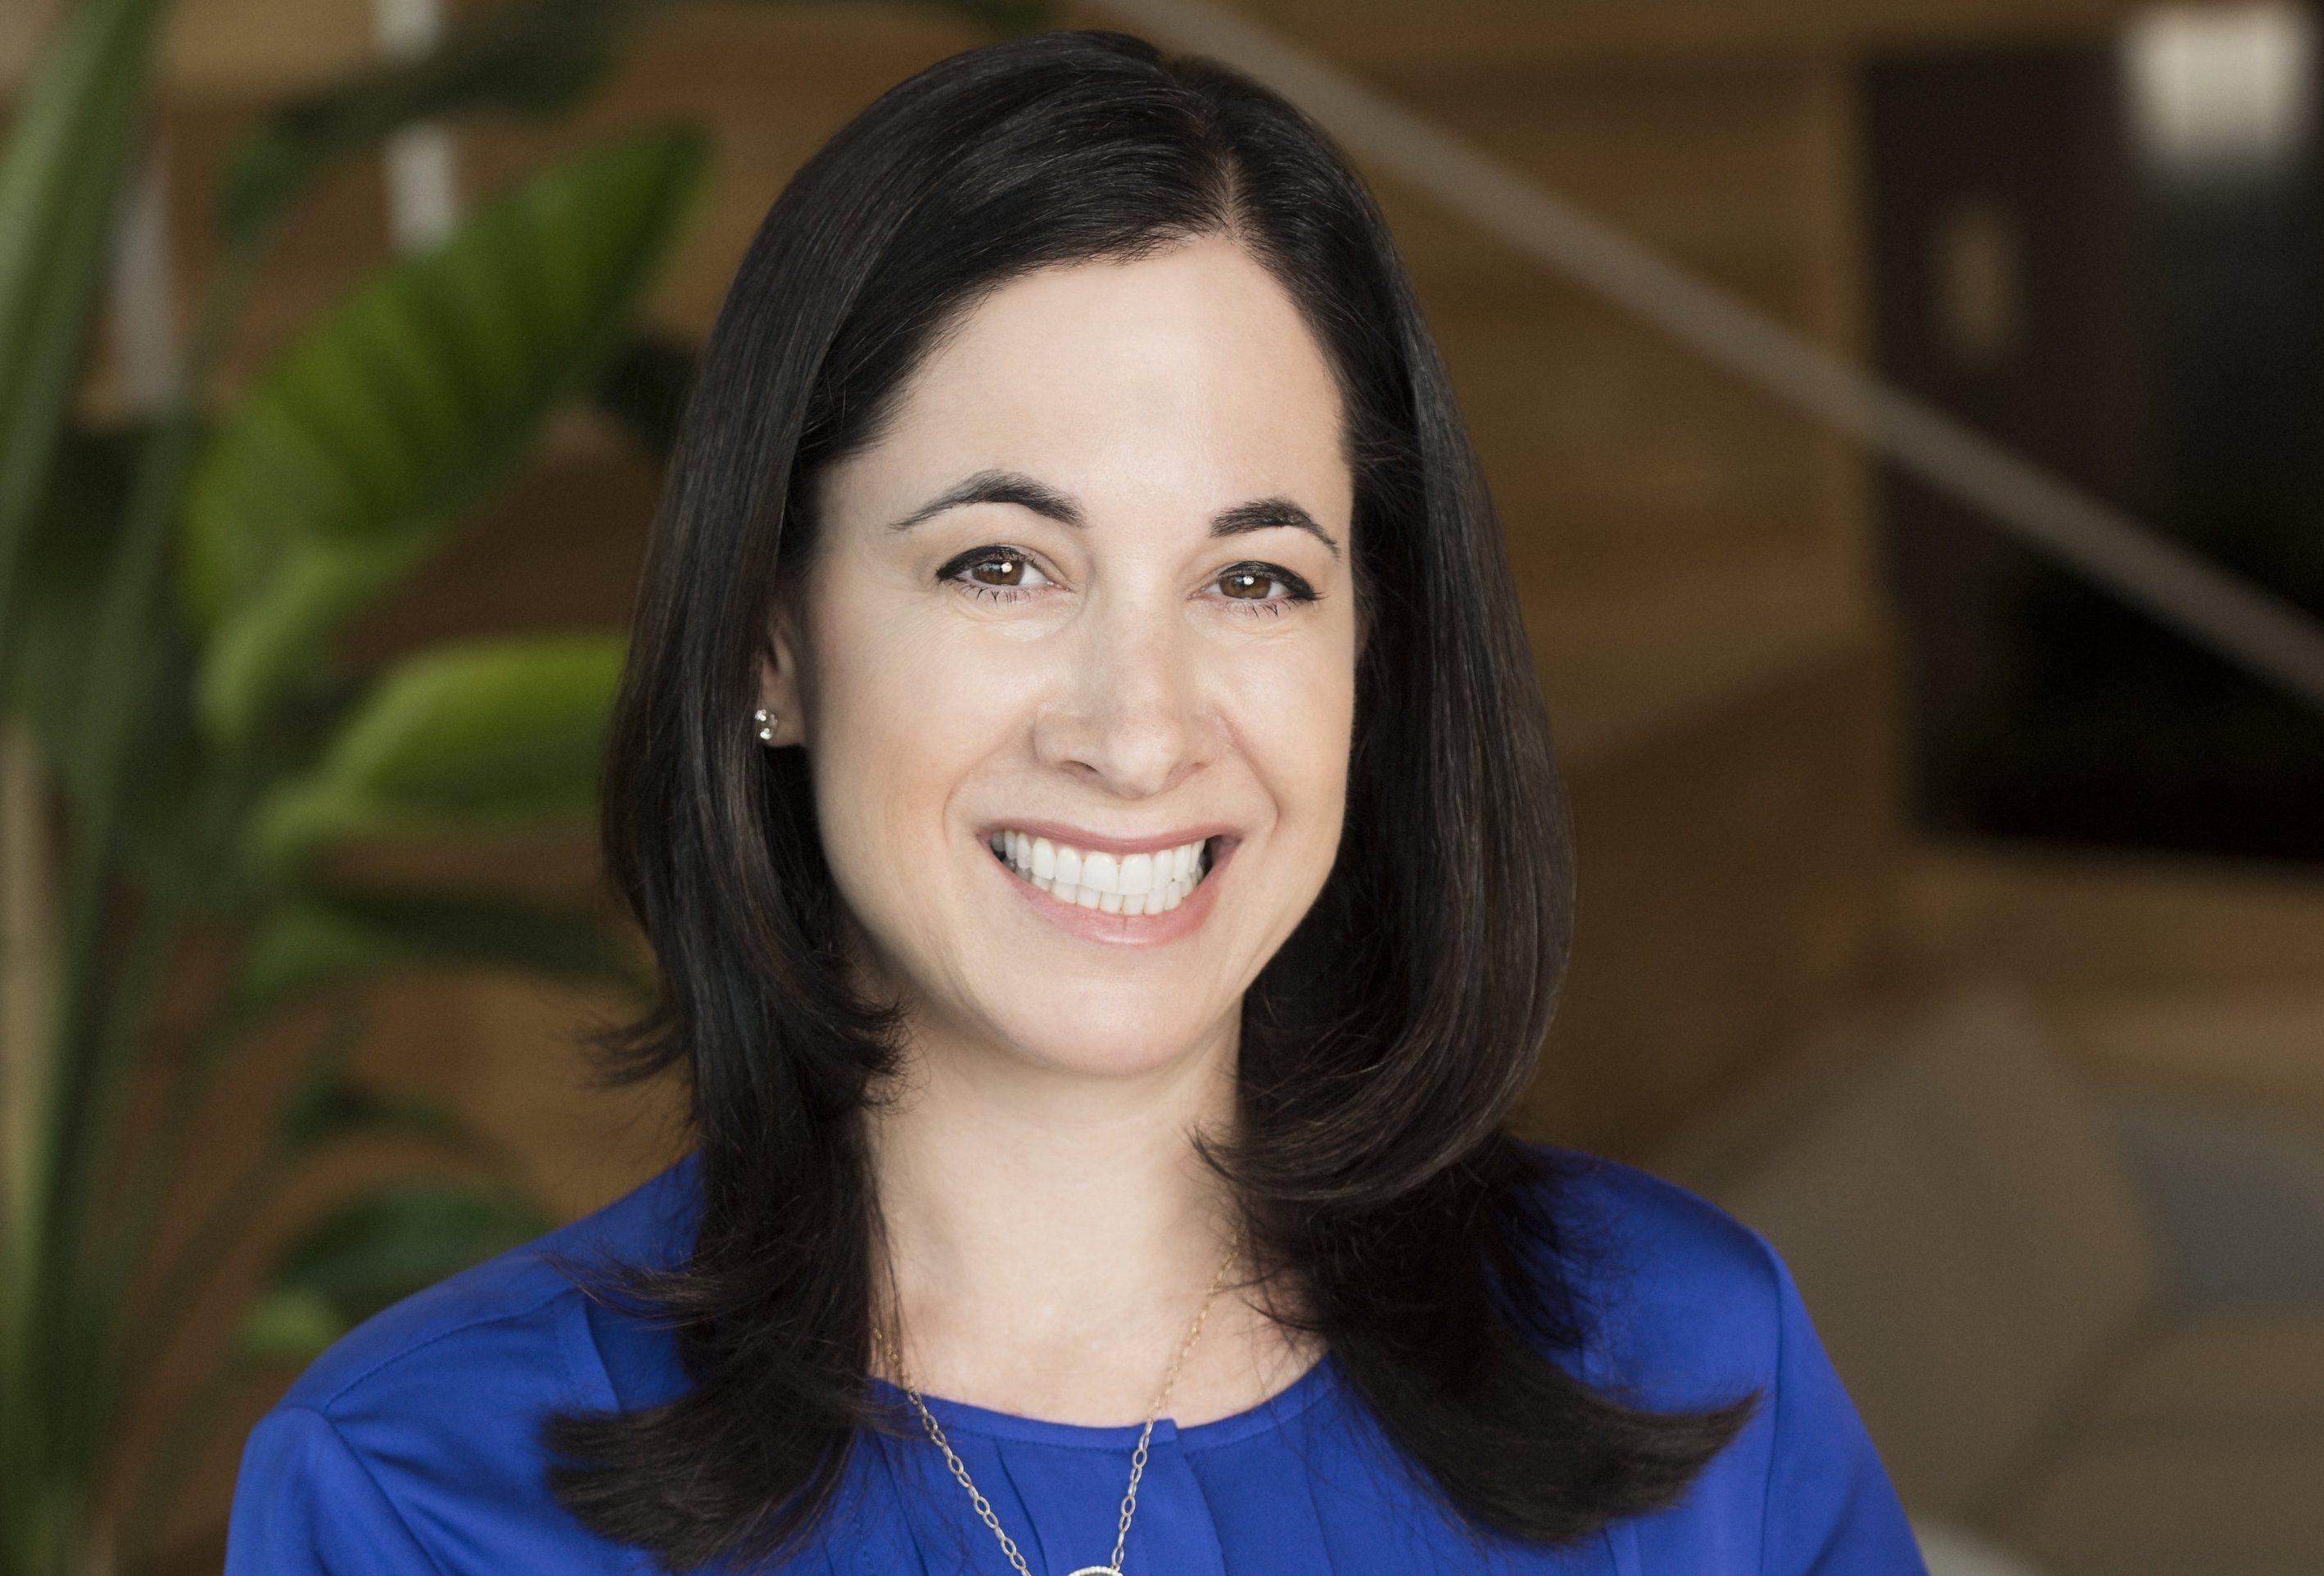 SESAC Names Kelli Turner As President/COO